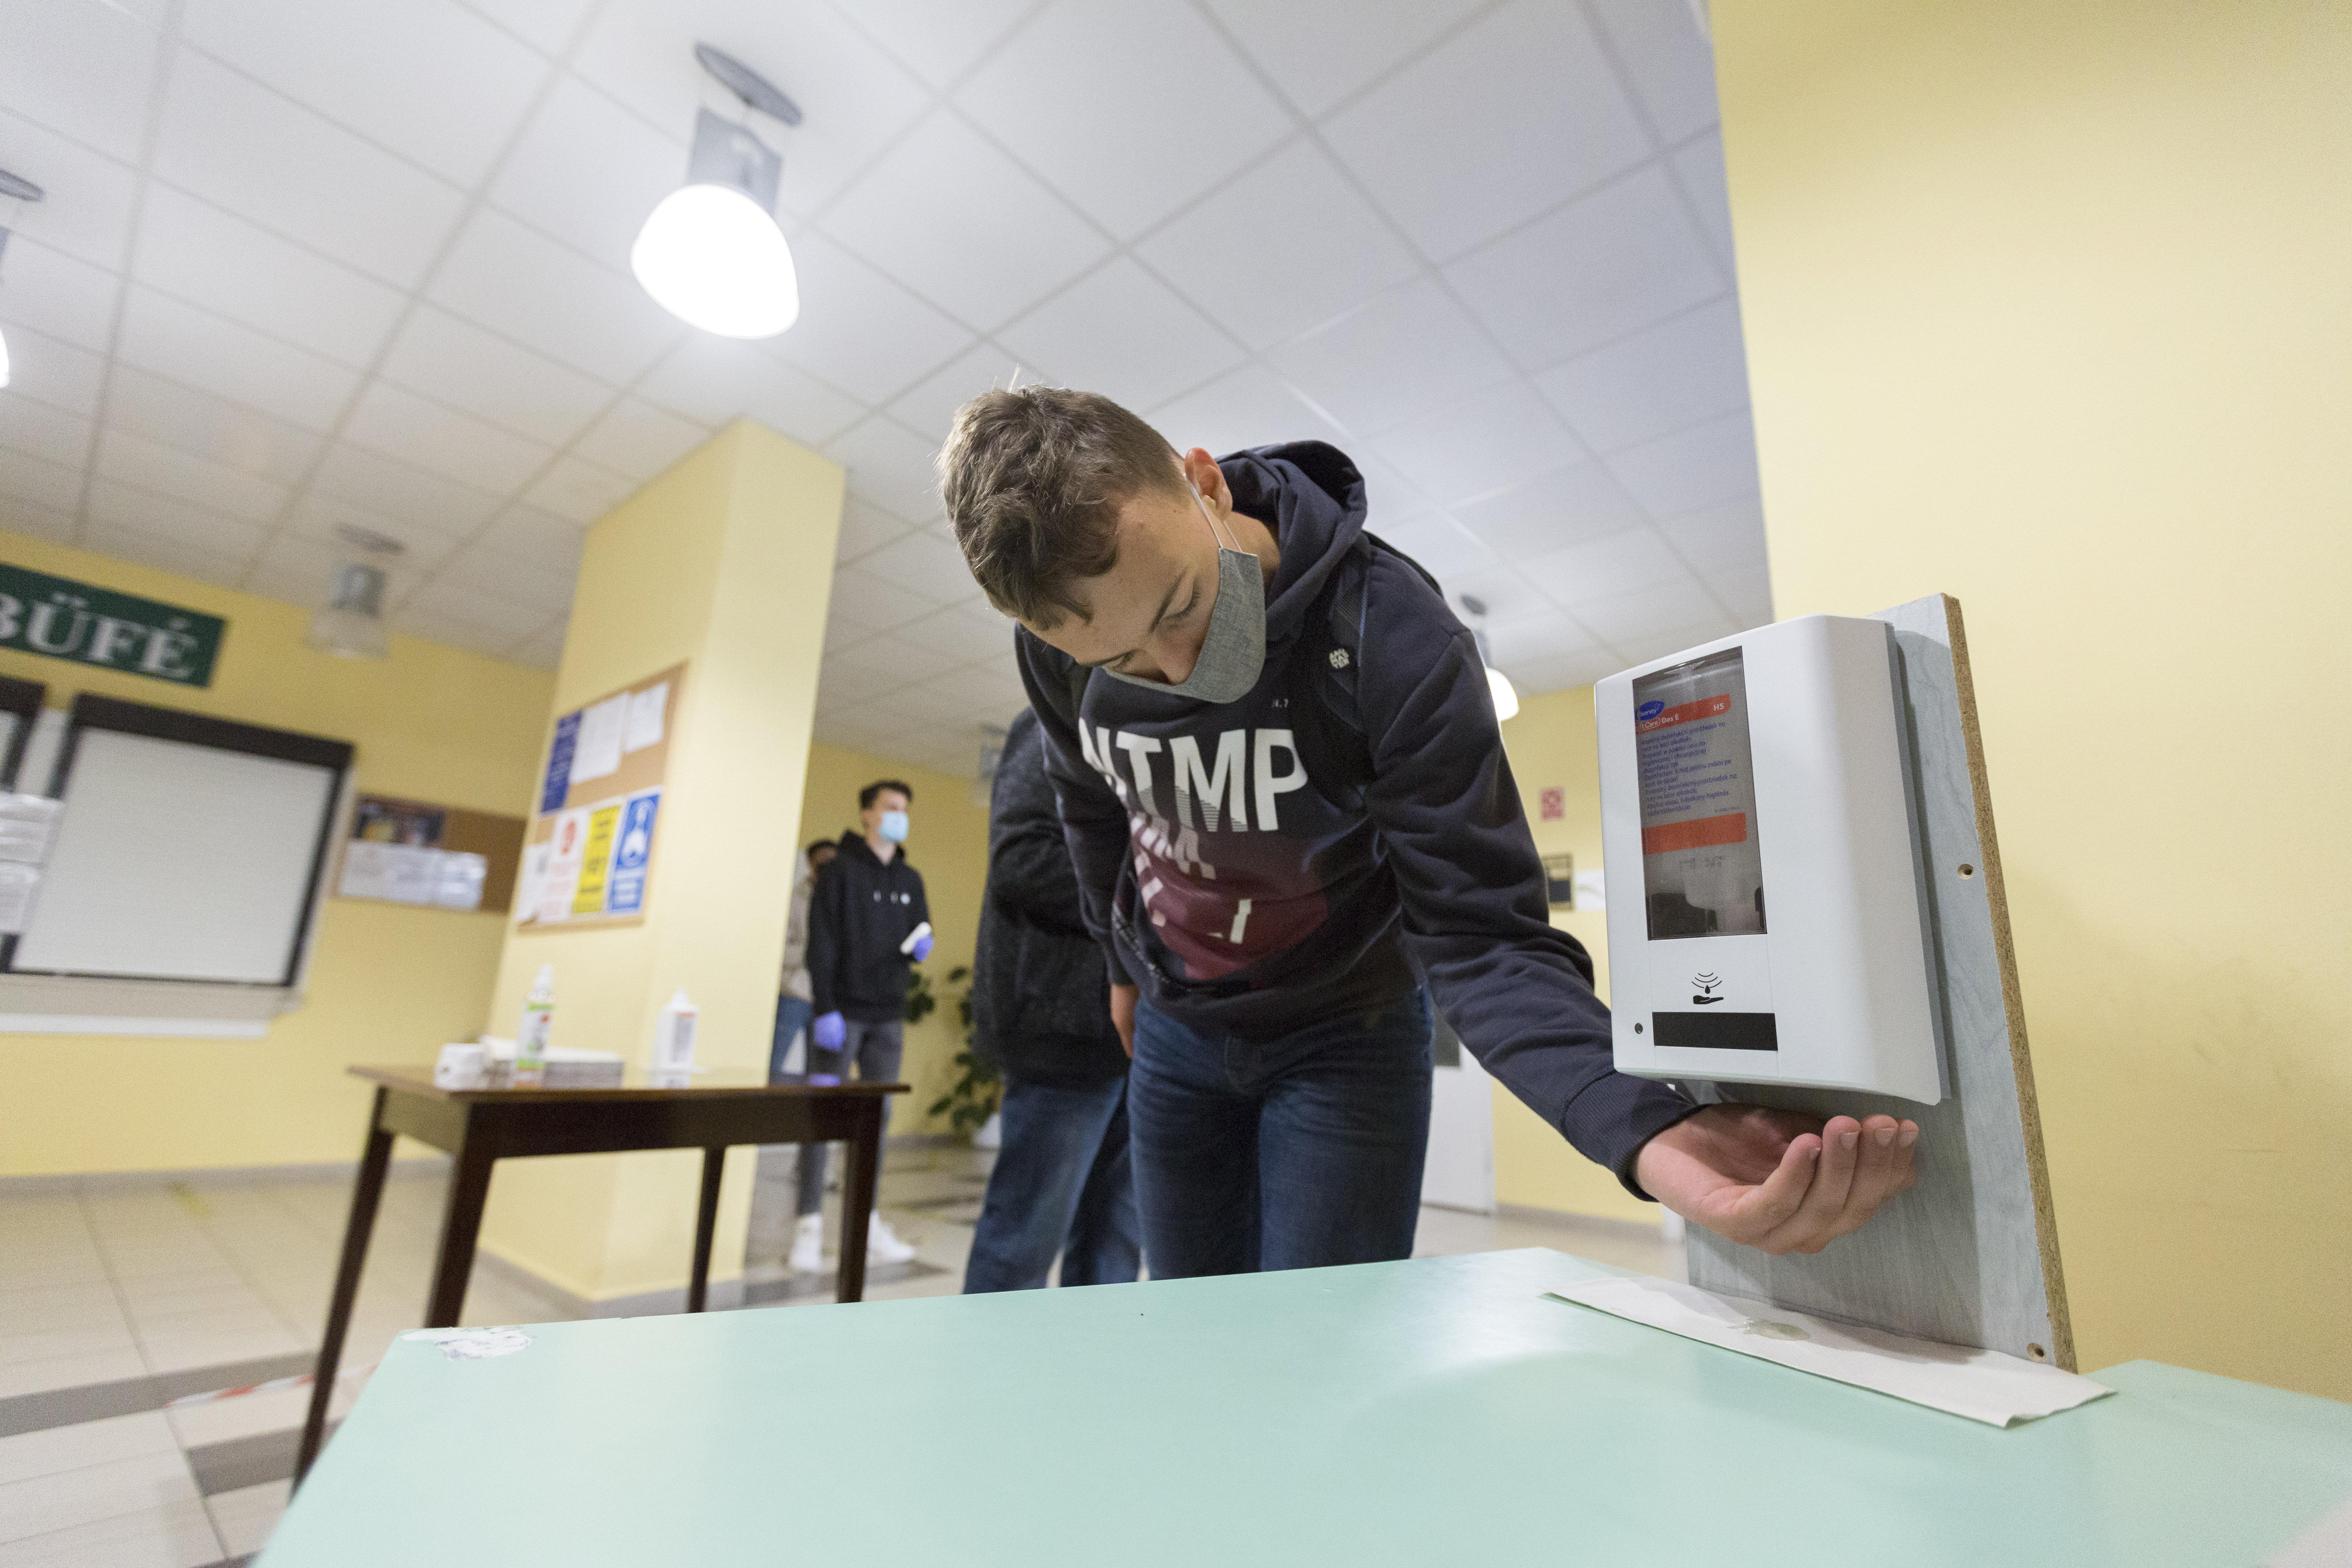 Rendeletbe írta a kormány, hogy április 19-én nyitnak az óvodák és az iskolák